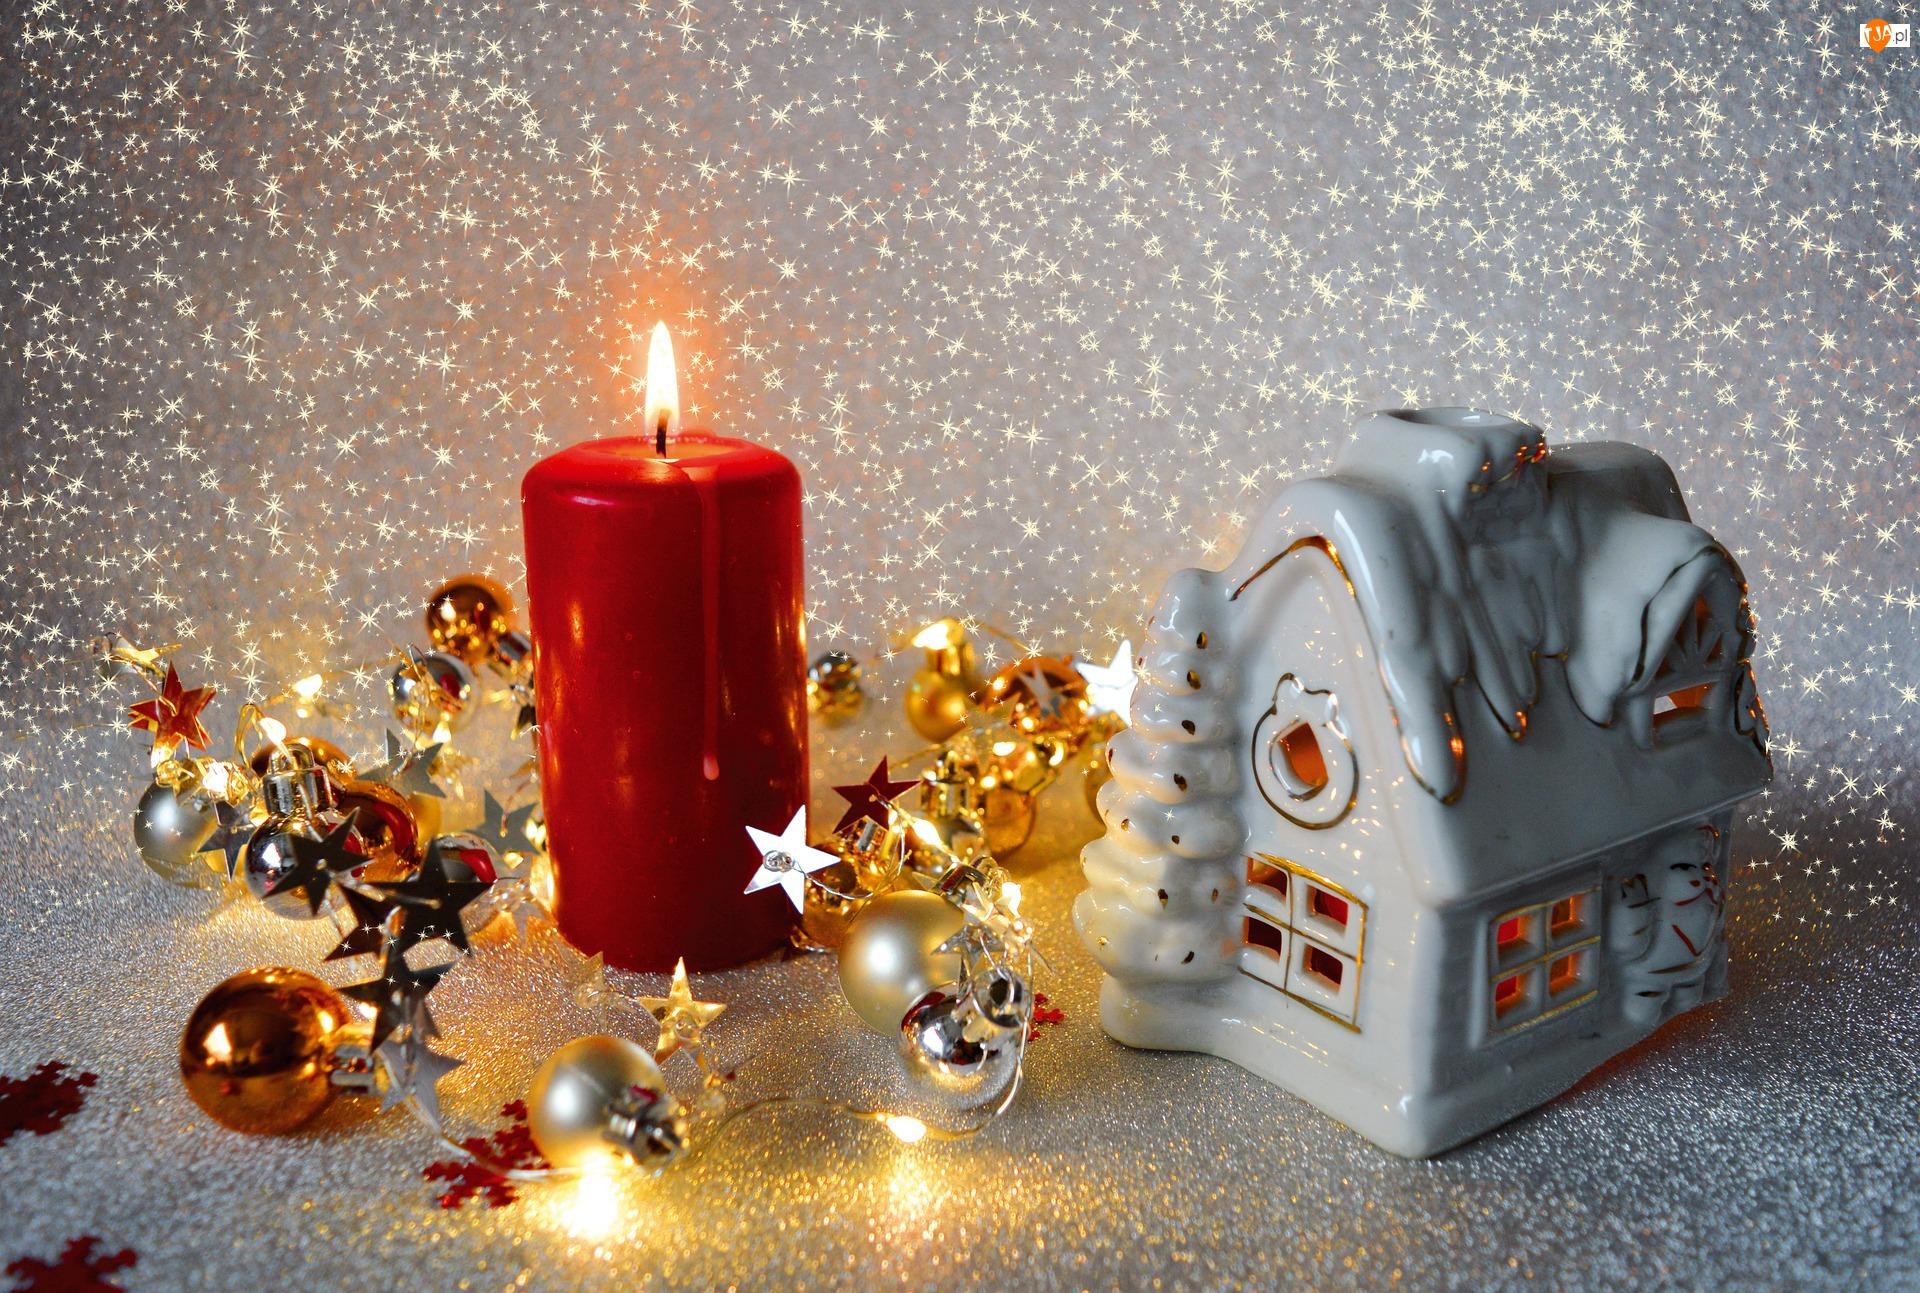 Lampion, Bombki, Domek, Boże Narodzenie, Świeca